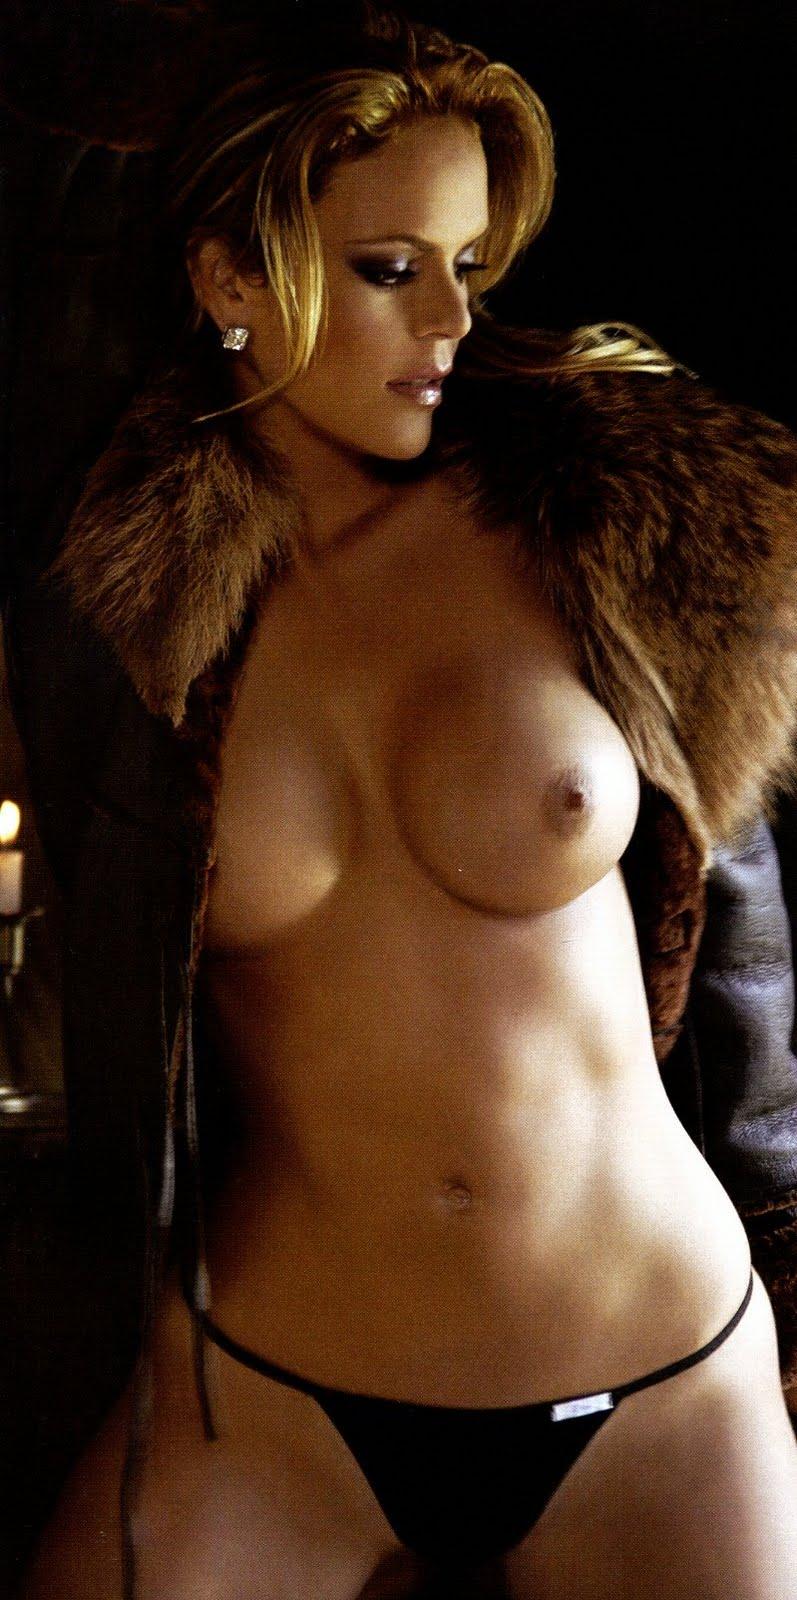 Aline Hernandez Sex opinion aline hernandez nude - frendliy porno chaude